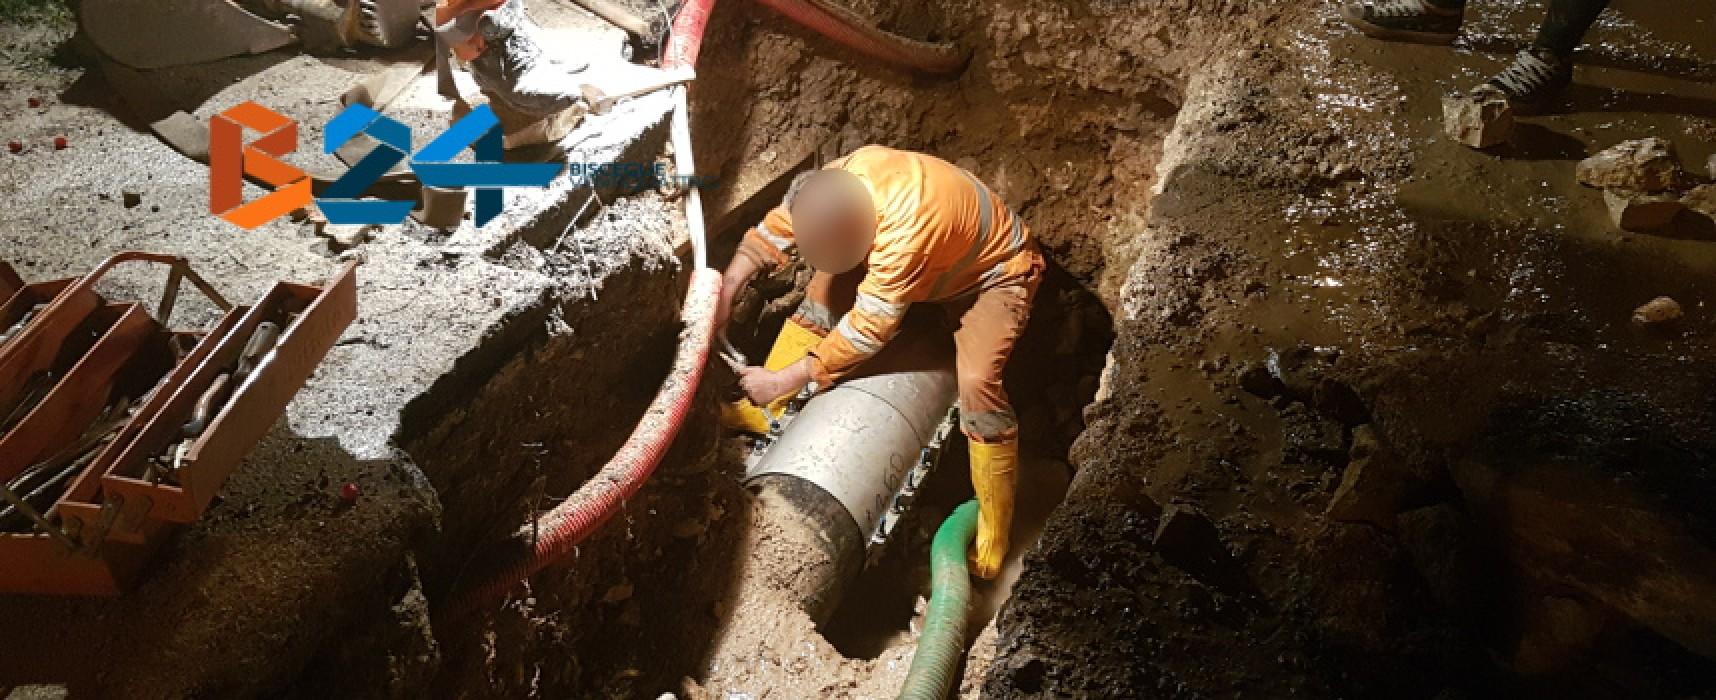 Fornitura d'acqua interrotta su via San Mercuro e via Vecchia Corato, tecnici Aqp al lavoro